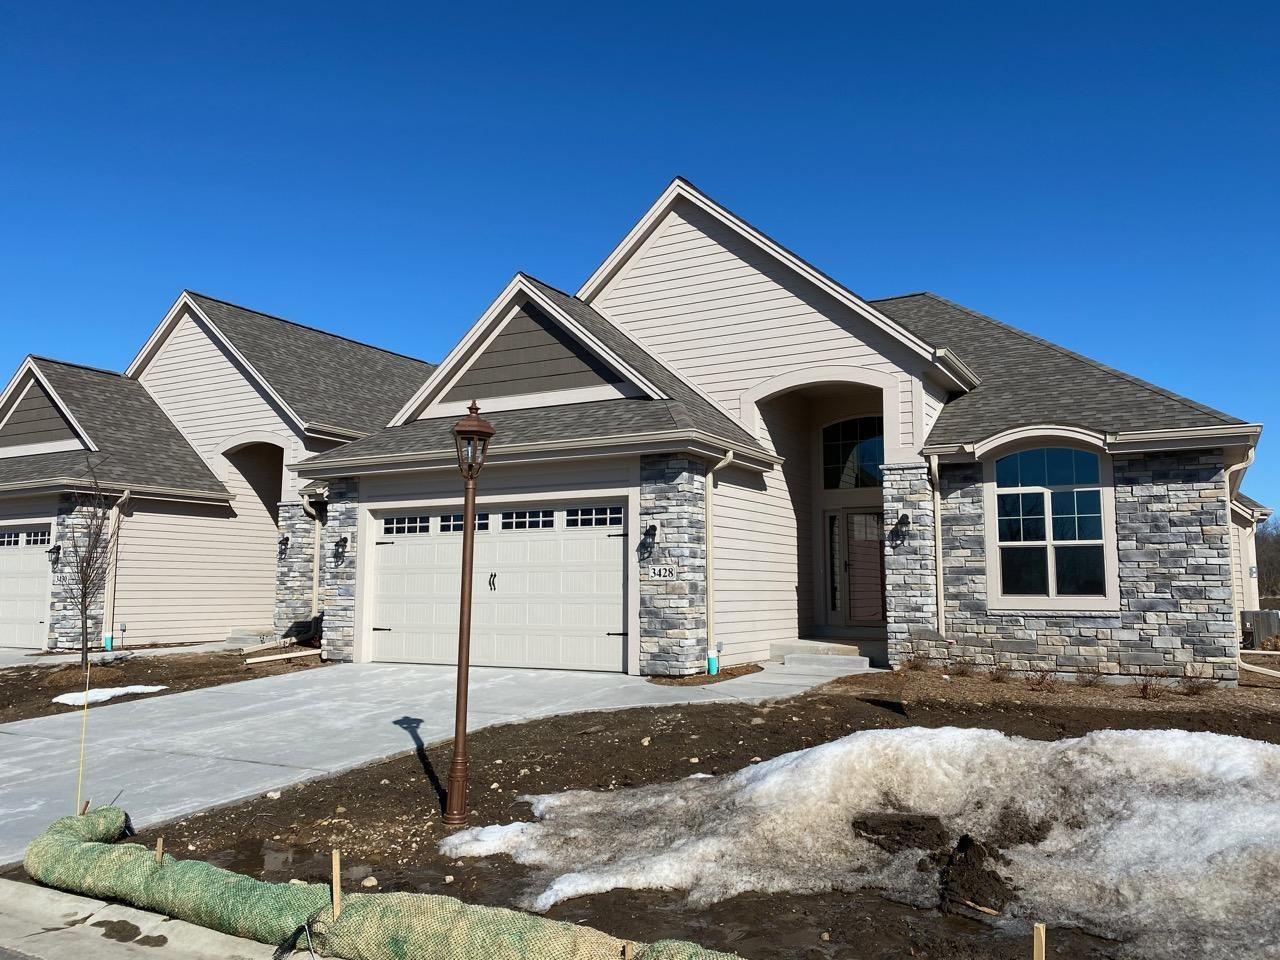 3428 Walnut Trl, Waukesha, Wisconsin 53188, 2 Bedrooms Bedrooms, ,2 BathroomsBathrooms,Condominiums,For Sale,Walnut Trl,1,1679688